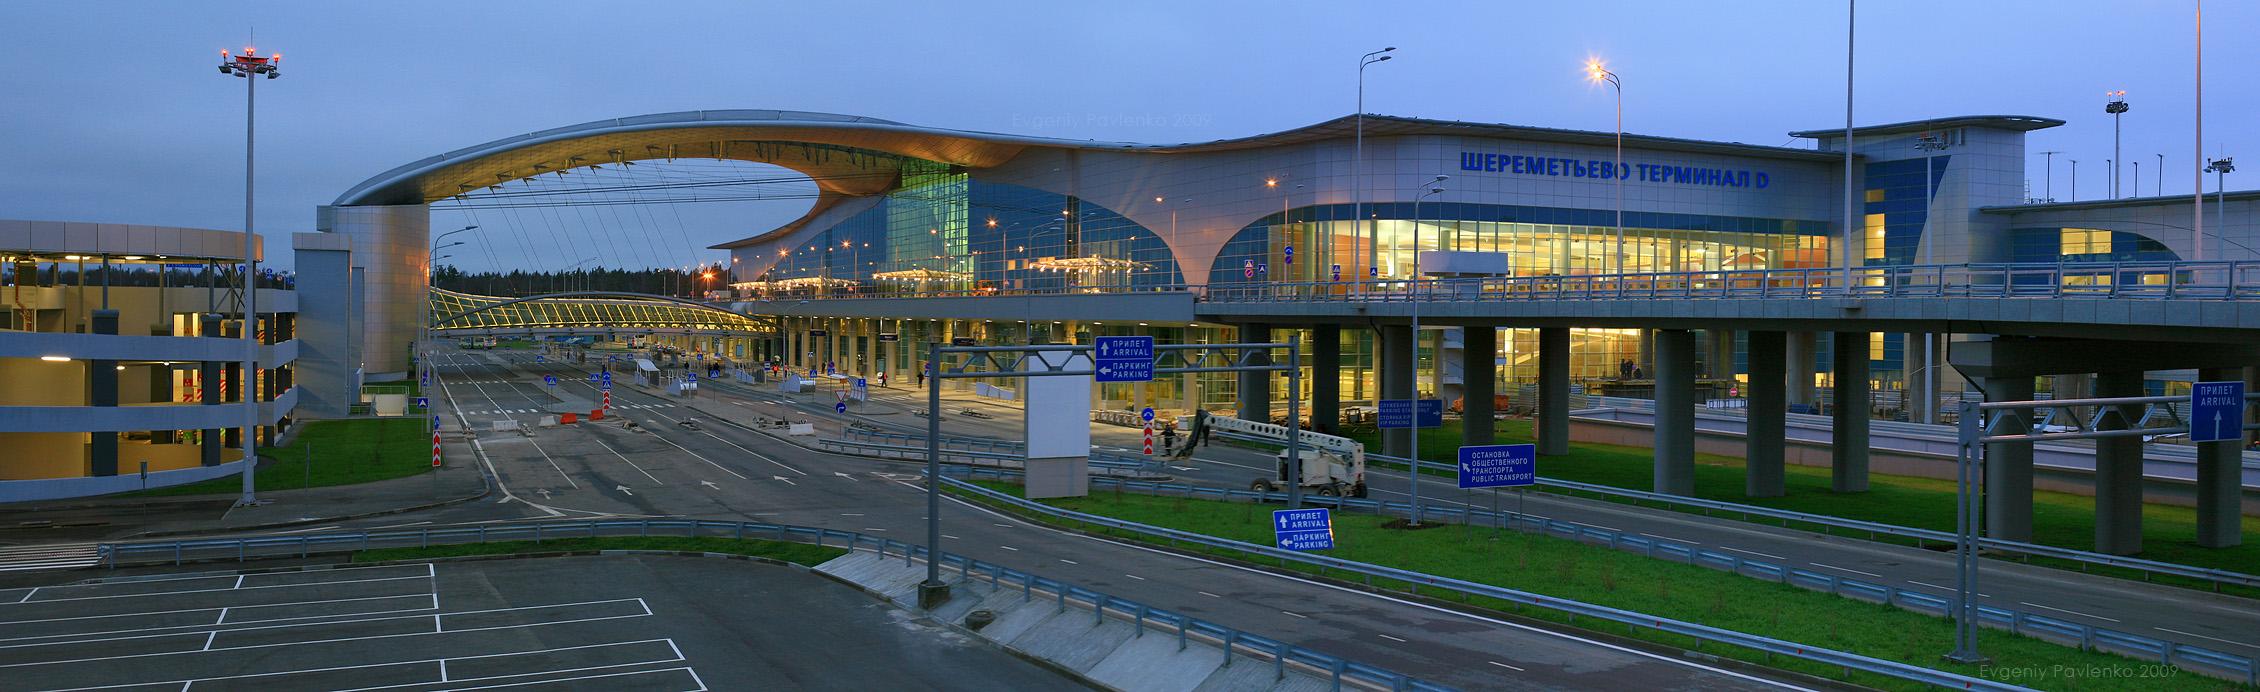 схема аэропорта шереметьево f